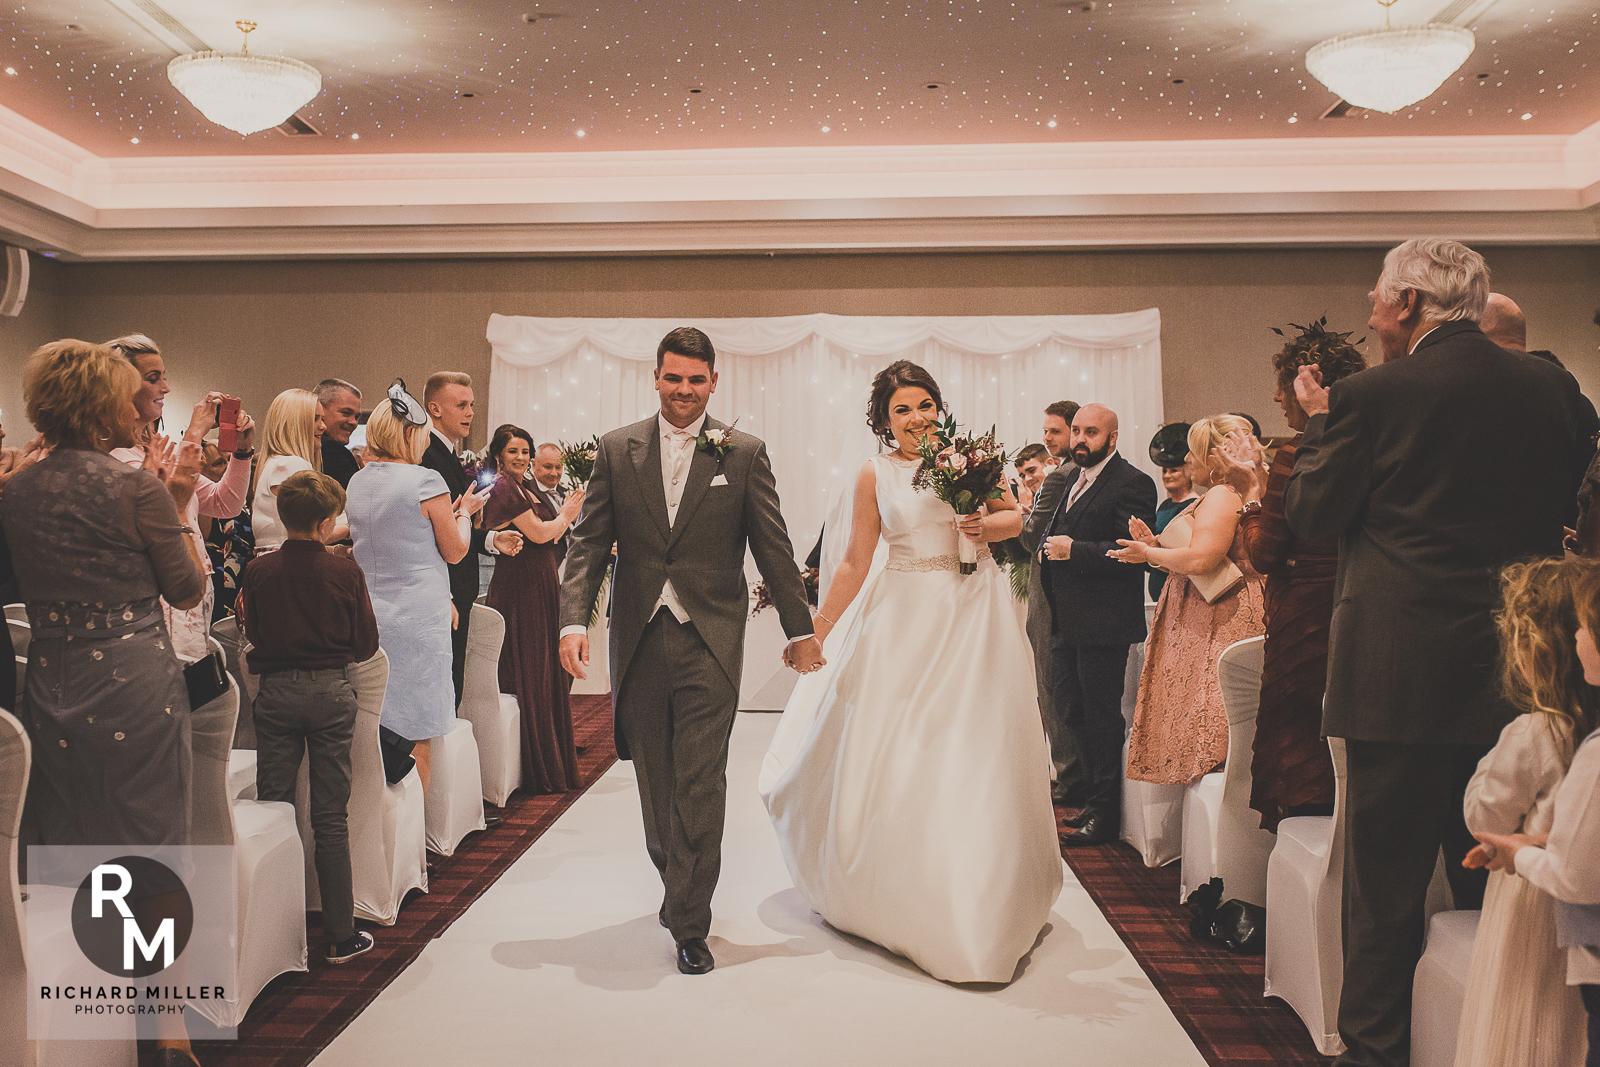 A E 12 1 - Carden Park Wedding Photographer - Adam & Emma